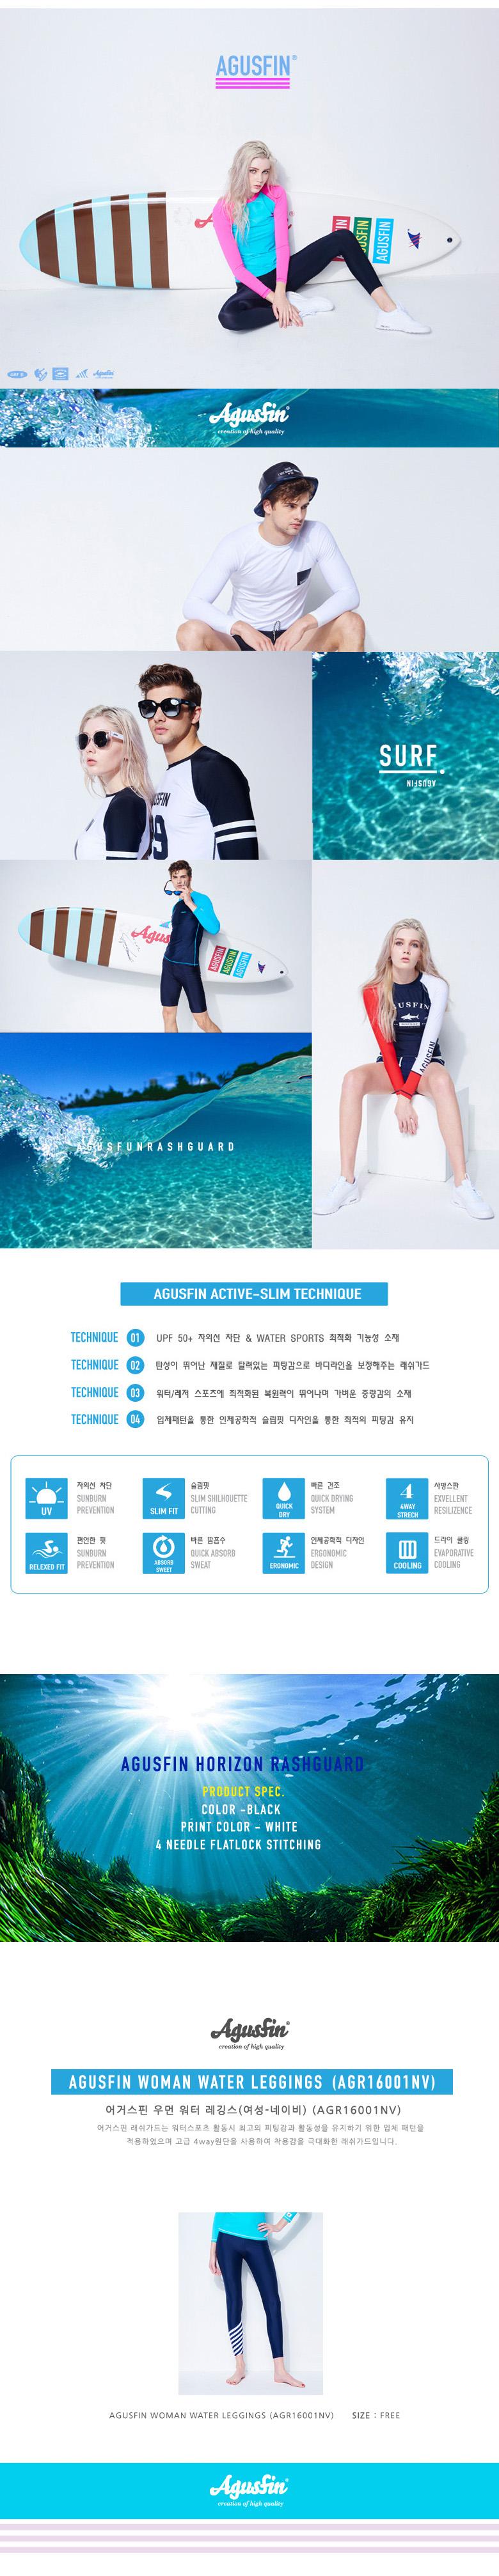 AGUSFIN WOMAN WATER LEGGINGS(NAVY) - 어거스핀, 39,000원, 여성비치웨어, 워터레깅스